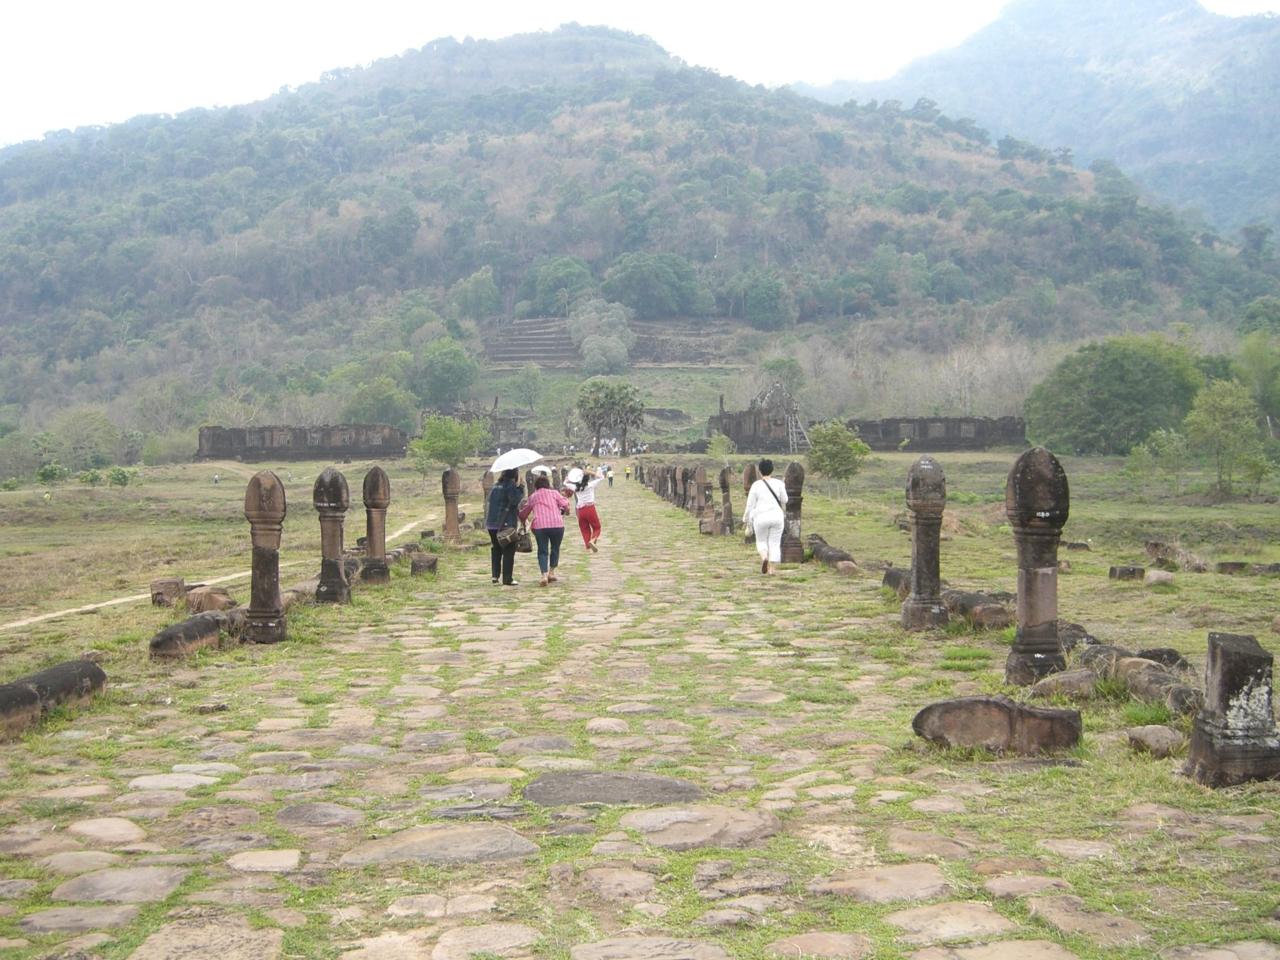 ทางสู่วิหารโบราณ 1000 ปี